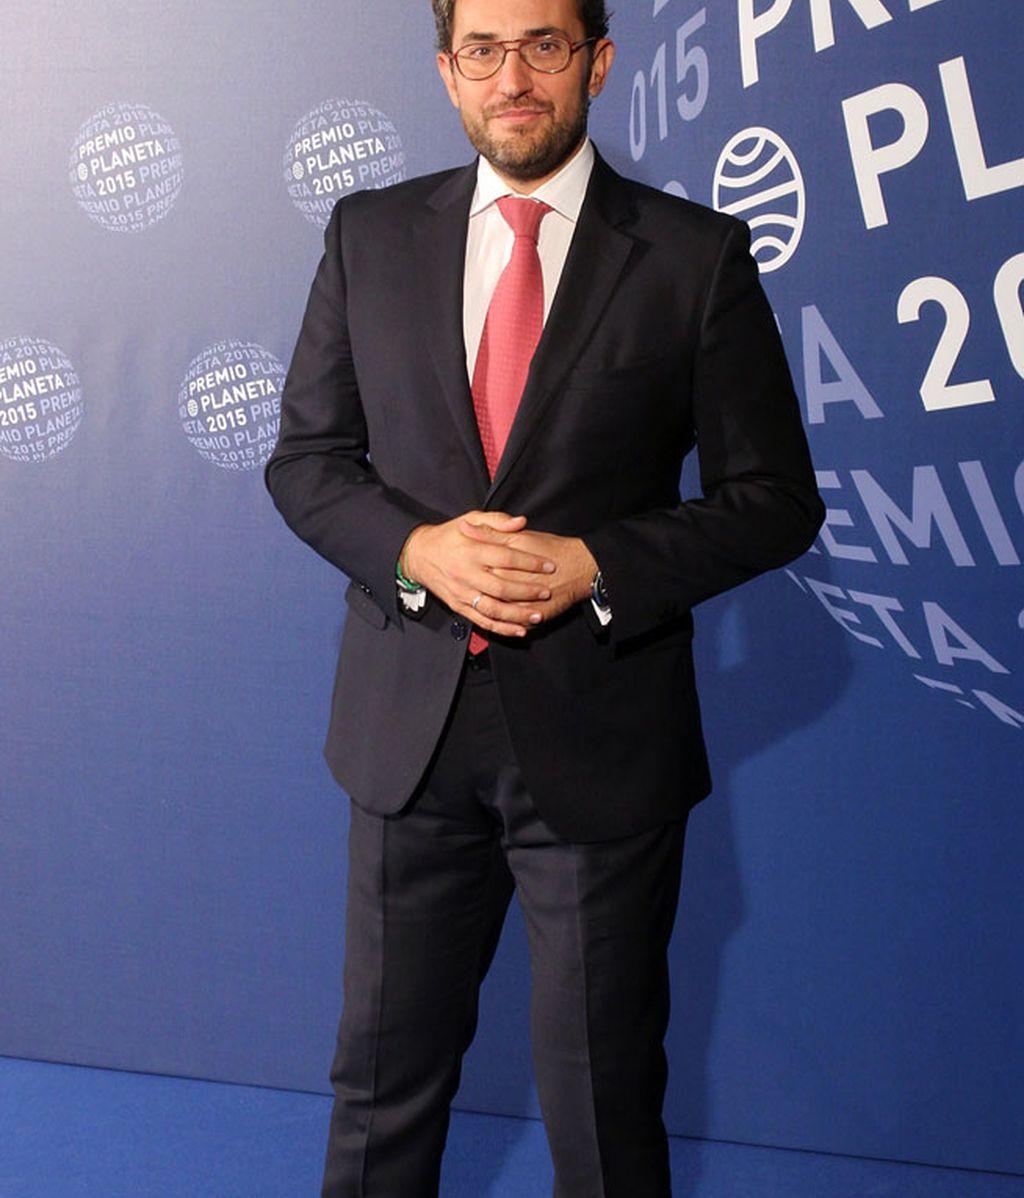 El presentador Máxim Huerta, que está a punto de publicar su nueva novela